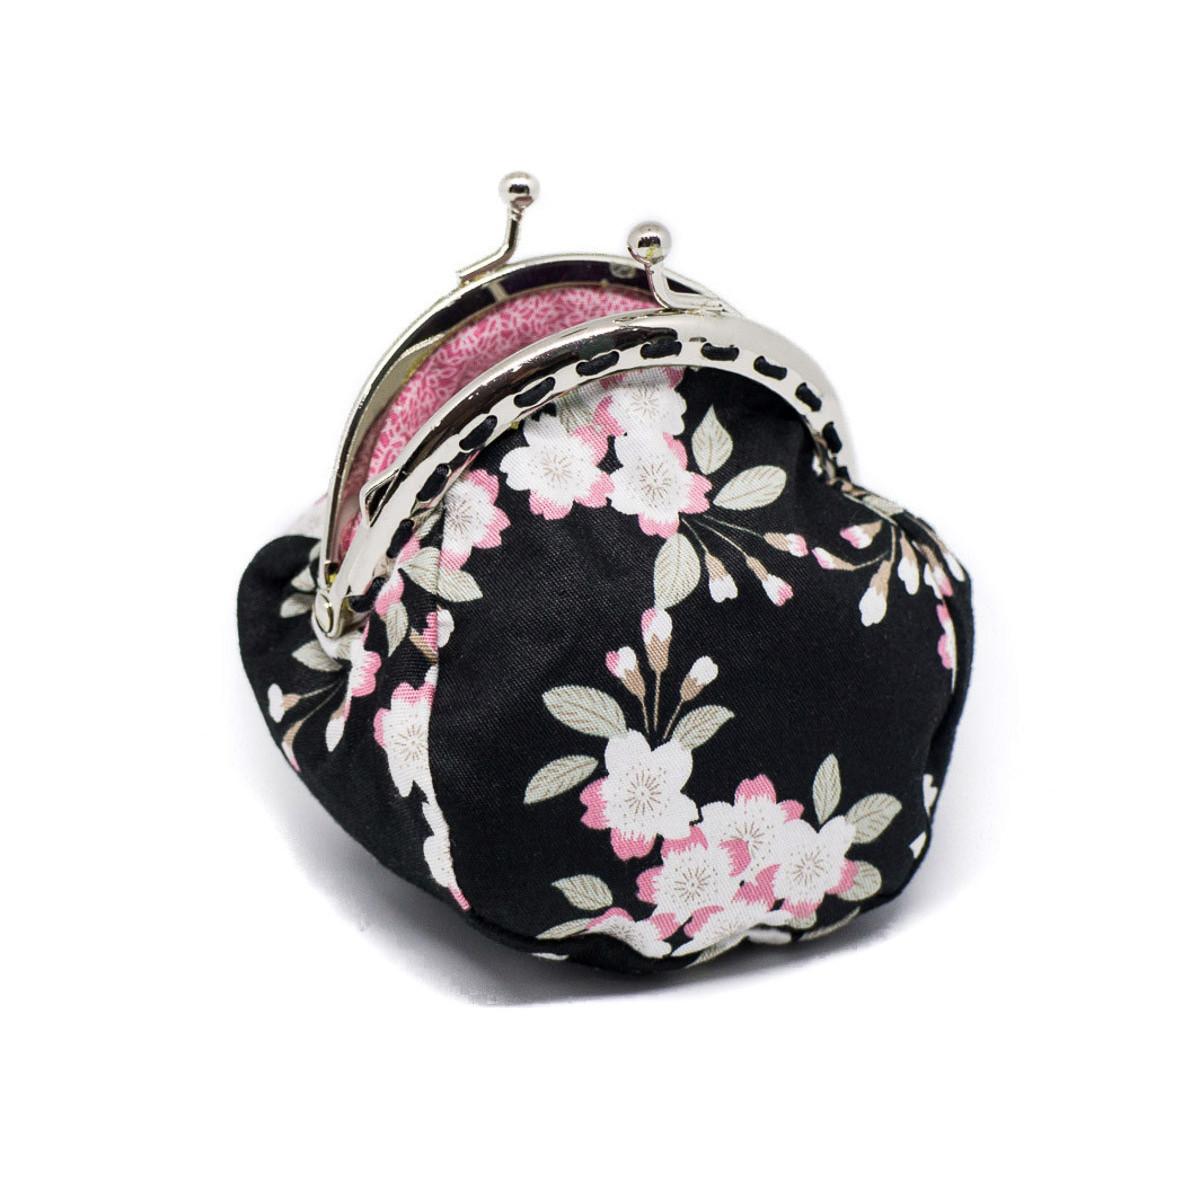 Petit porte-monnaie bourse à clip rétro noir et rose à fleurs